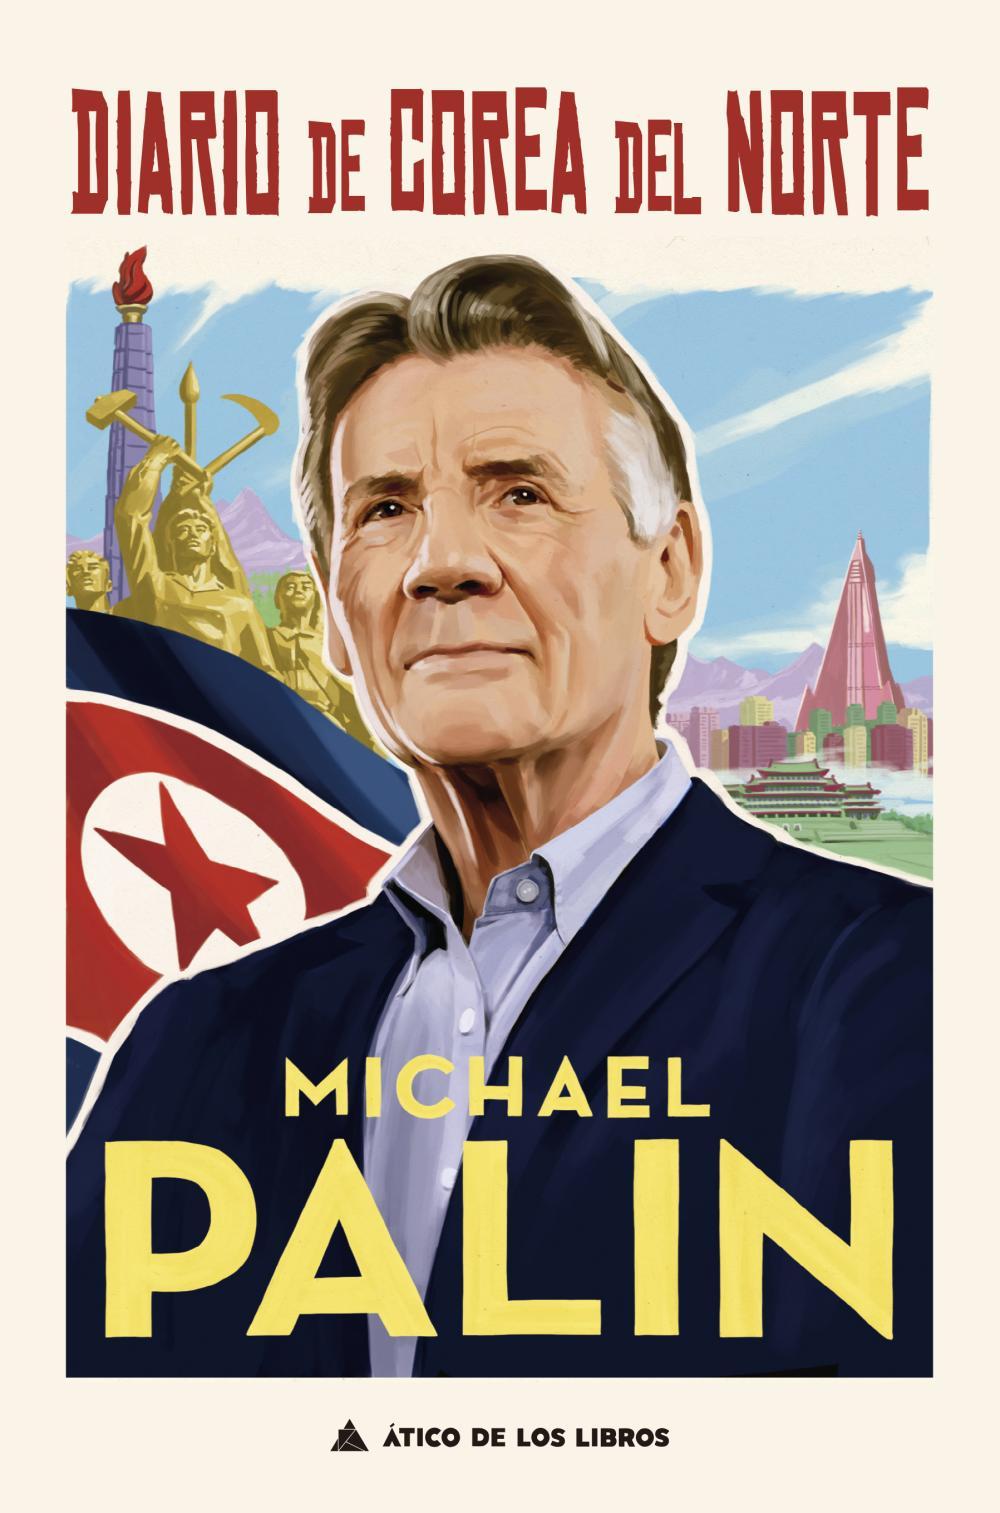 Diario de Corea del Norte